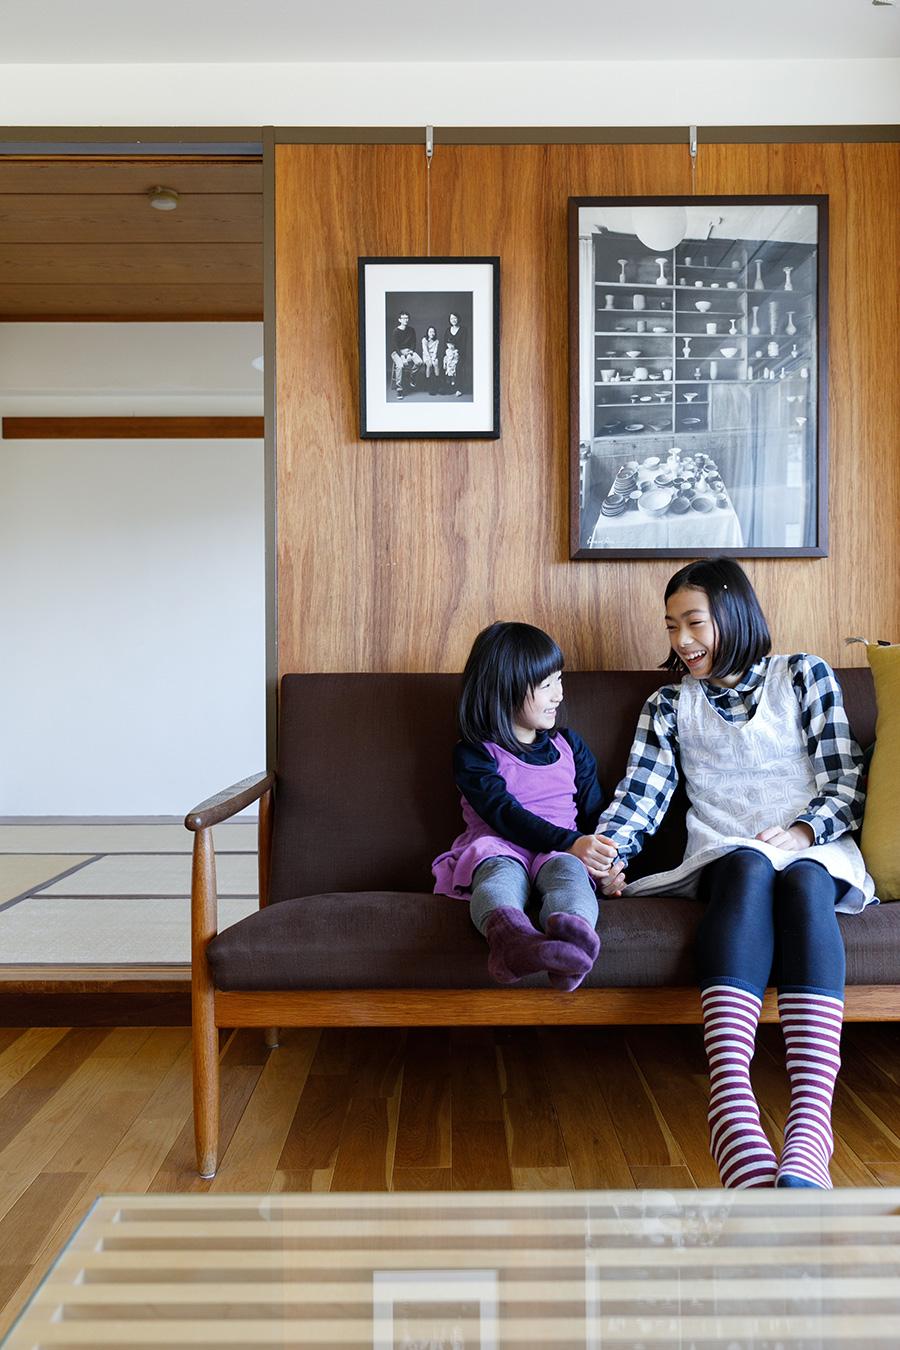 ソファは以前から持っていたもので、デンマークの家具デザイナー・アイヴァント・A・ヨハンセンのデザイン。ジョージ・ネルソンのネルソンベンチをコーヒーテーブルとして使っている。